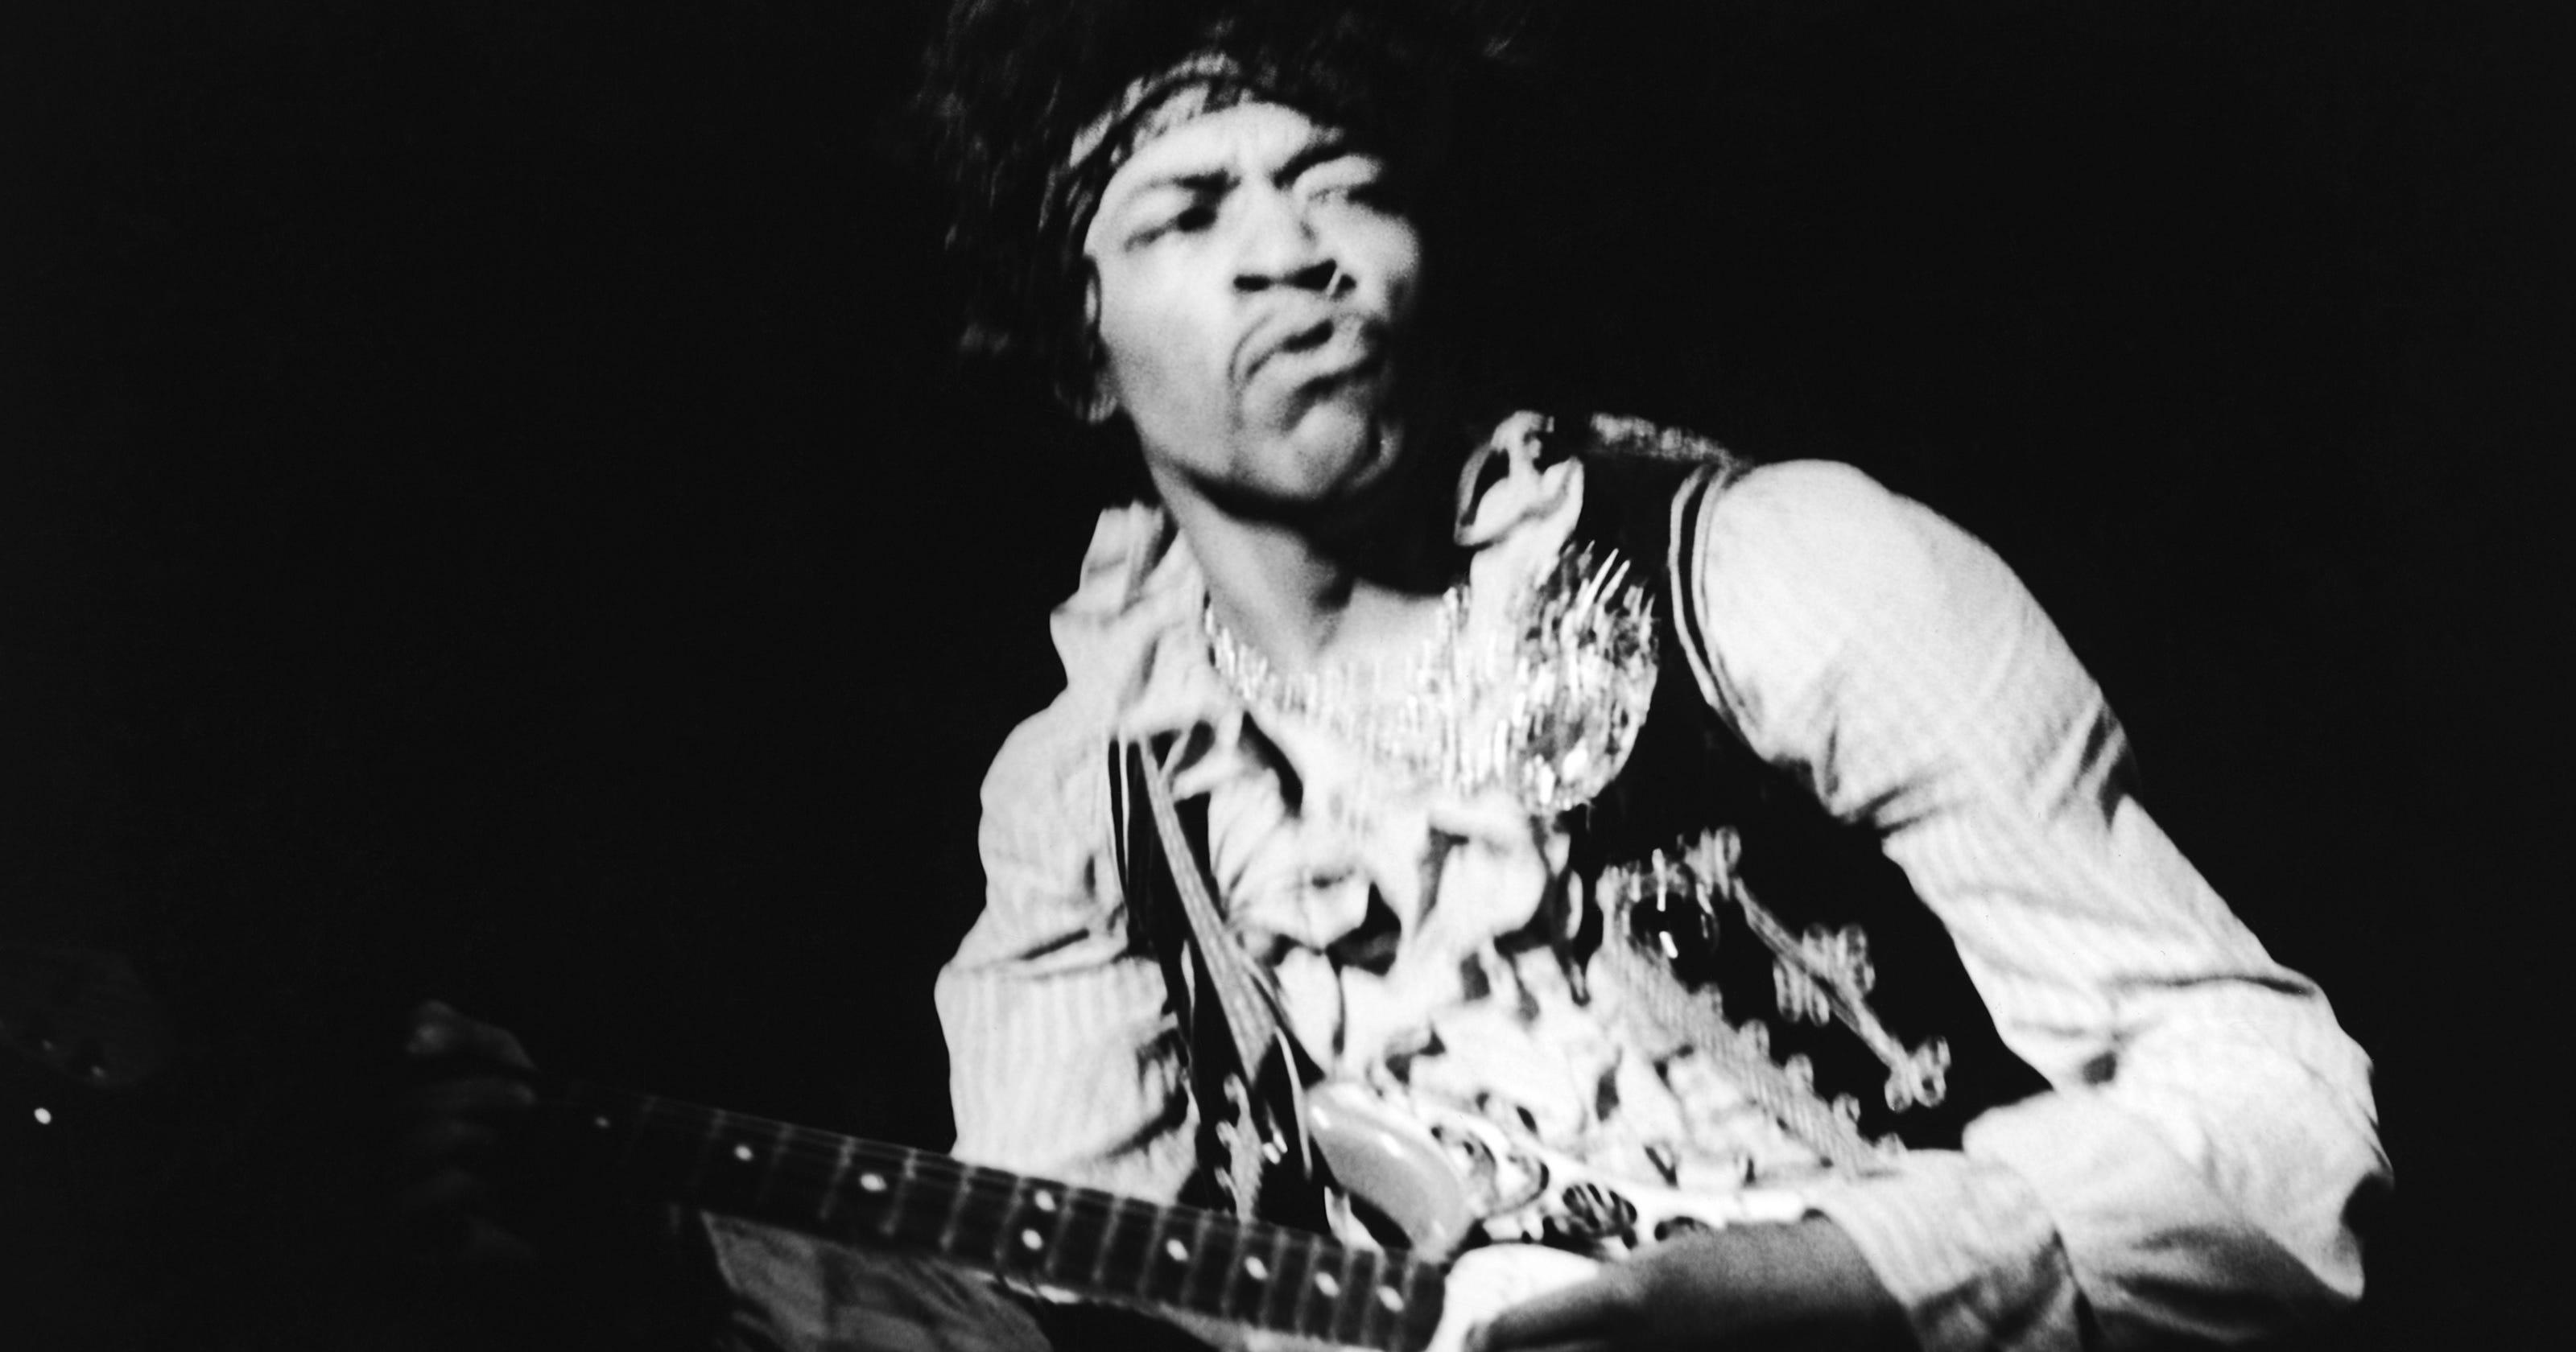 How Vietnam War-era music fuels Ken Burn's new documentary